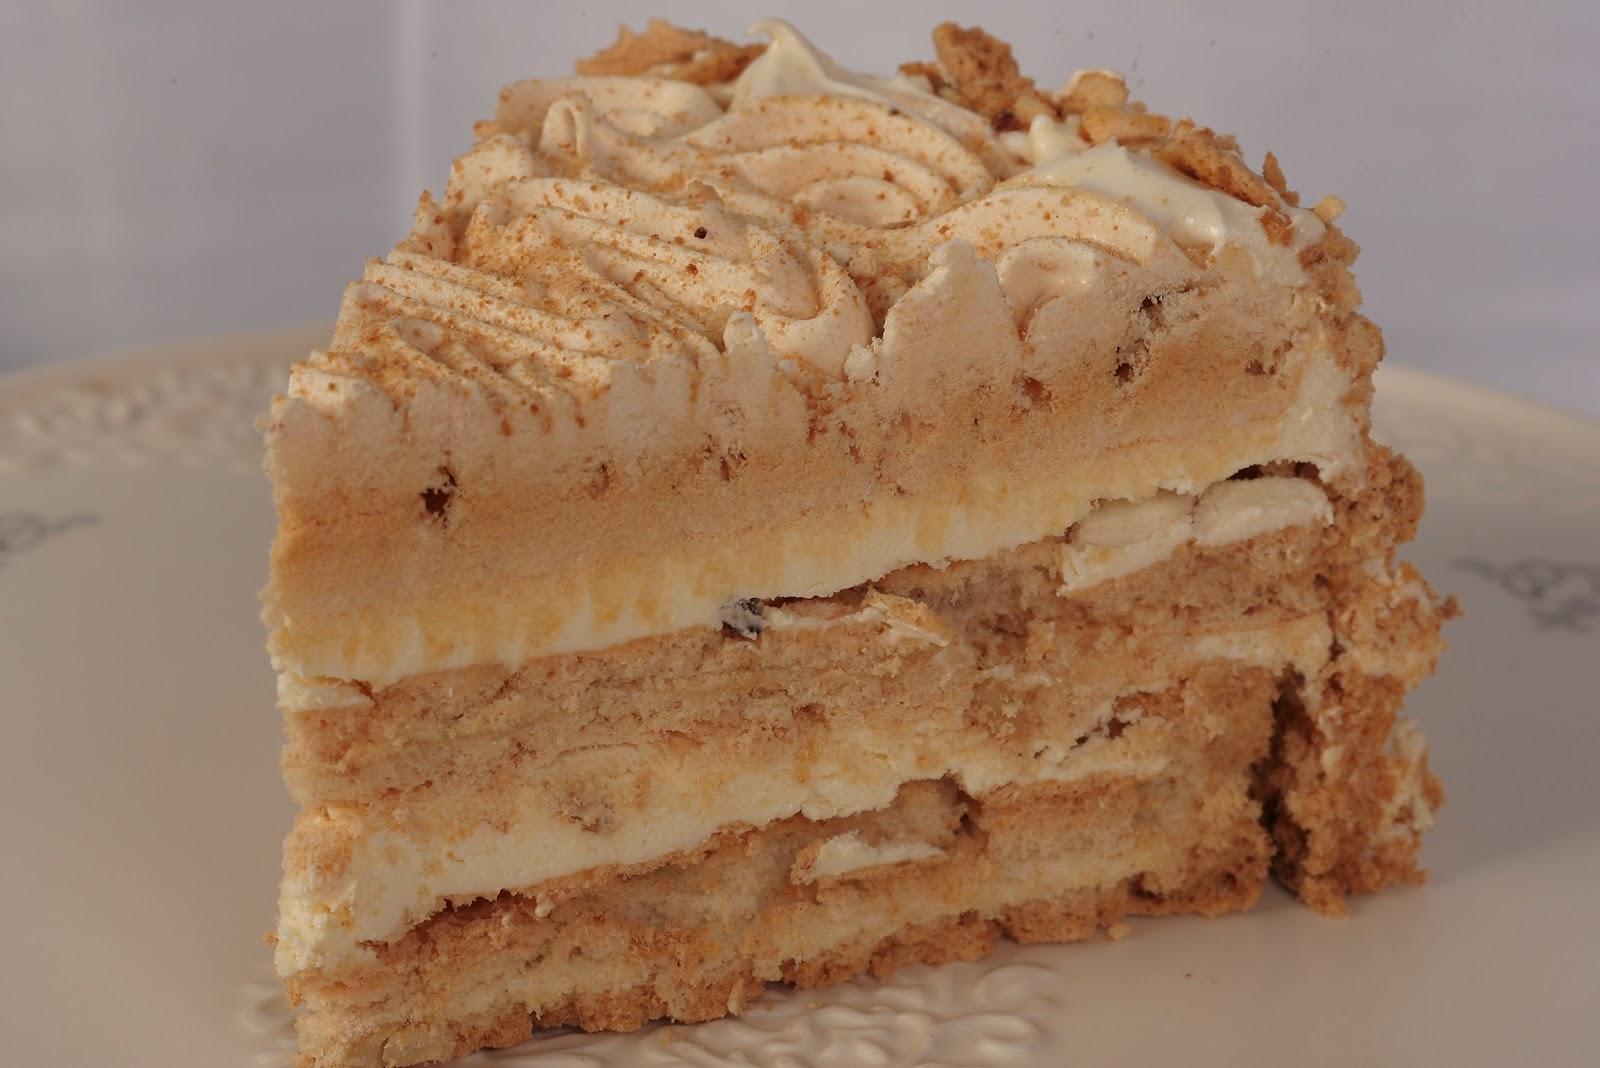 кожицы торт киевский по госту рецепт с фото линолеум ассортименте